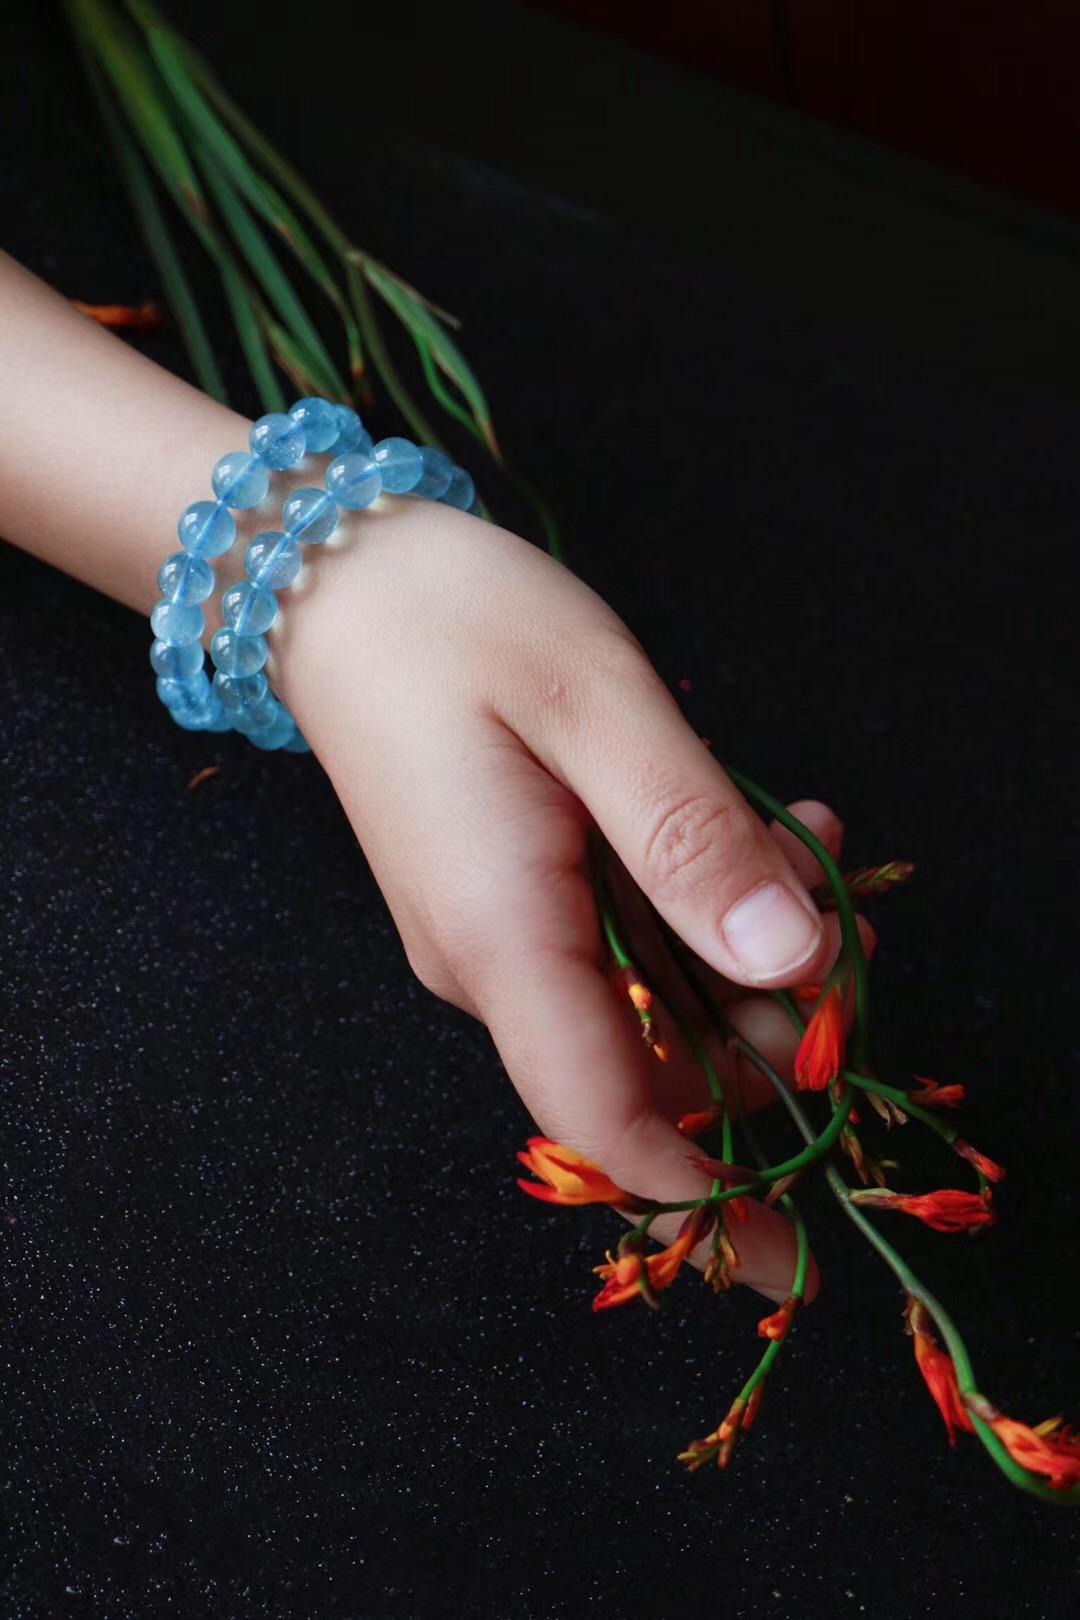 【菩心   海蓝宝】治愈系的两条清澈蔚蓝海蓝宝,就是这个调调!!-菩心晶舍